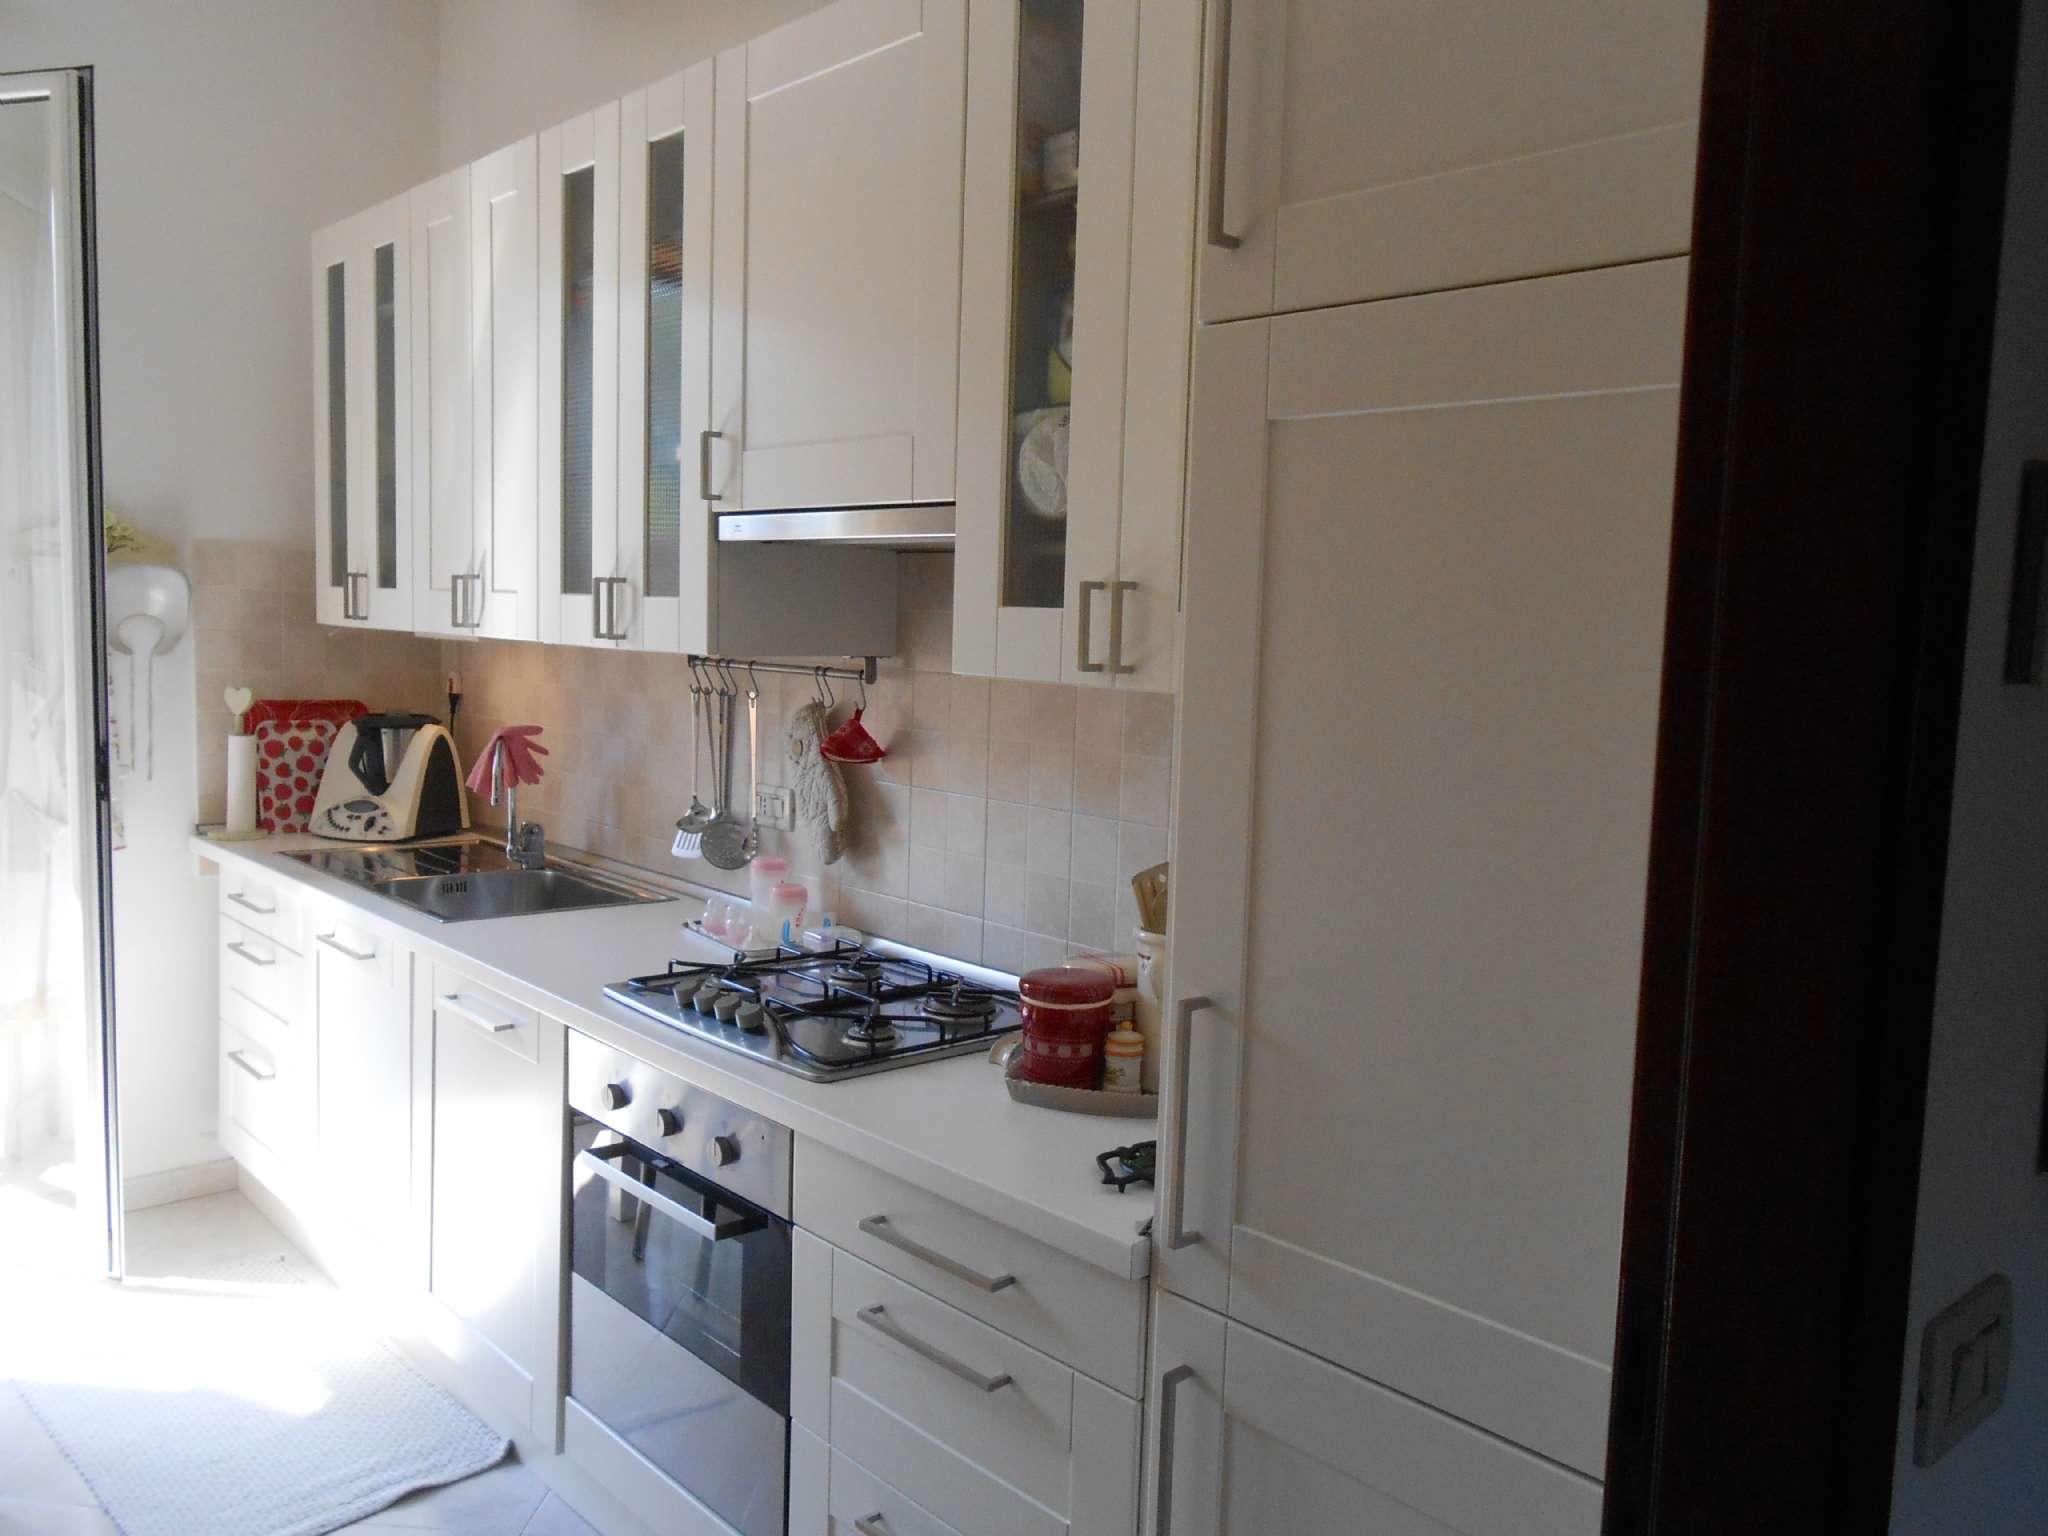 Appartamento in vendita 3 vani 68 mq.  via serena Bologna